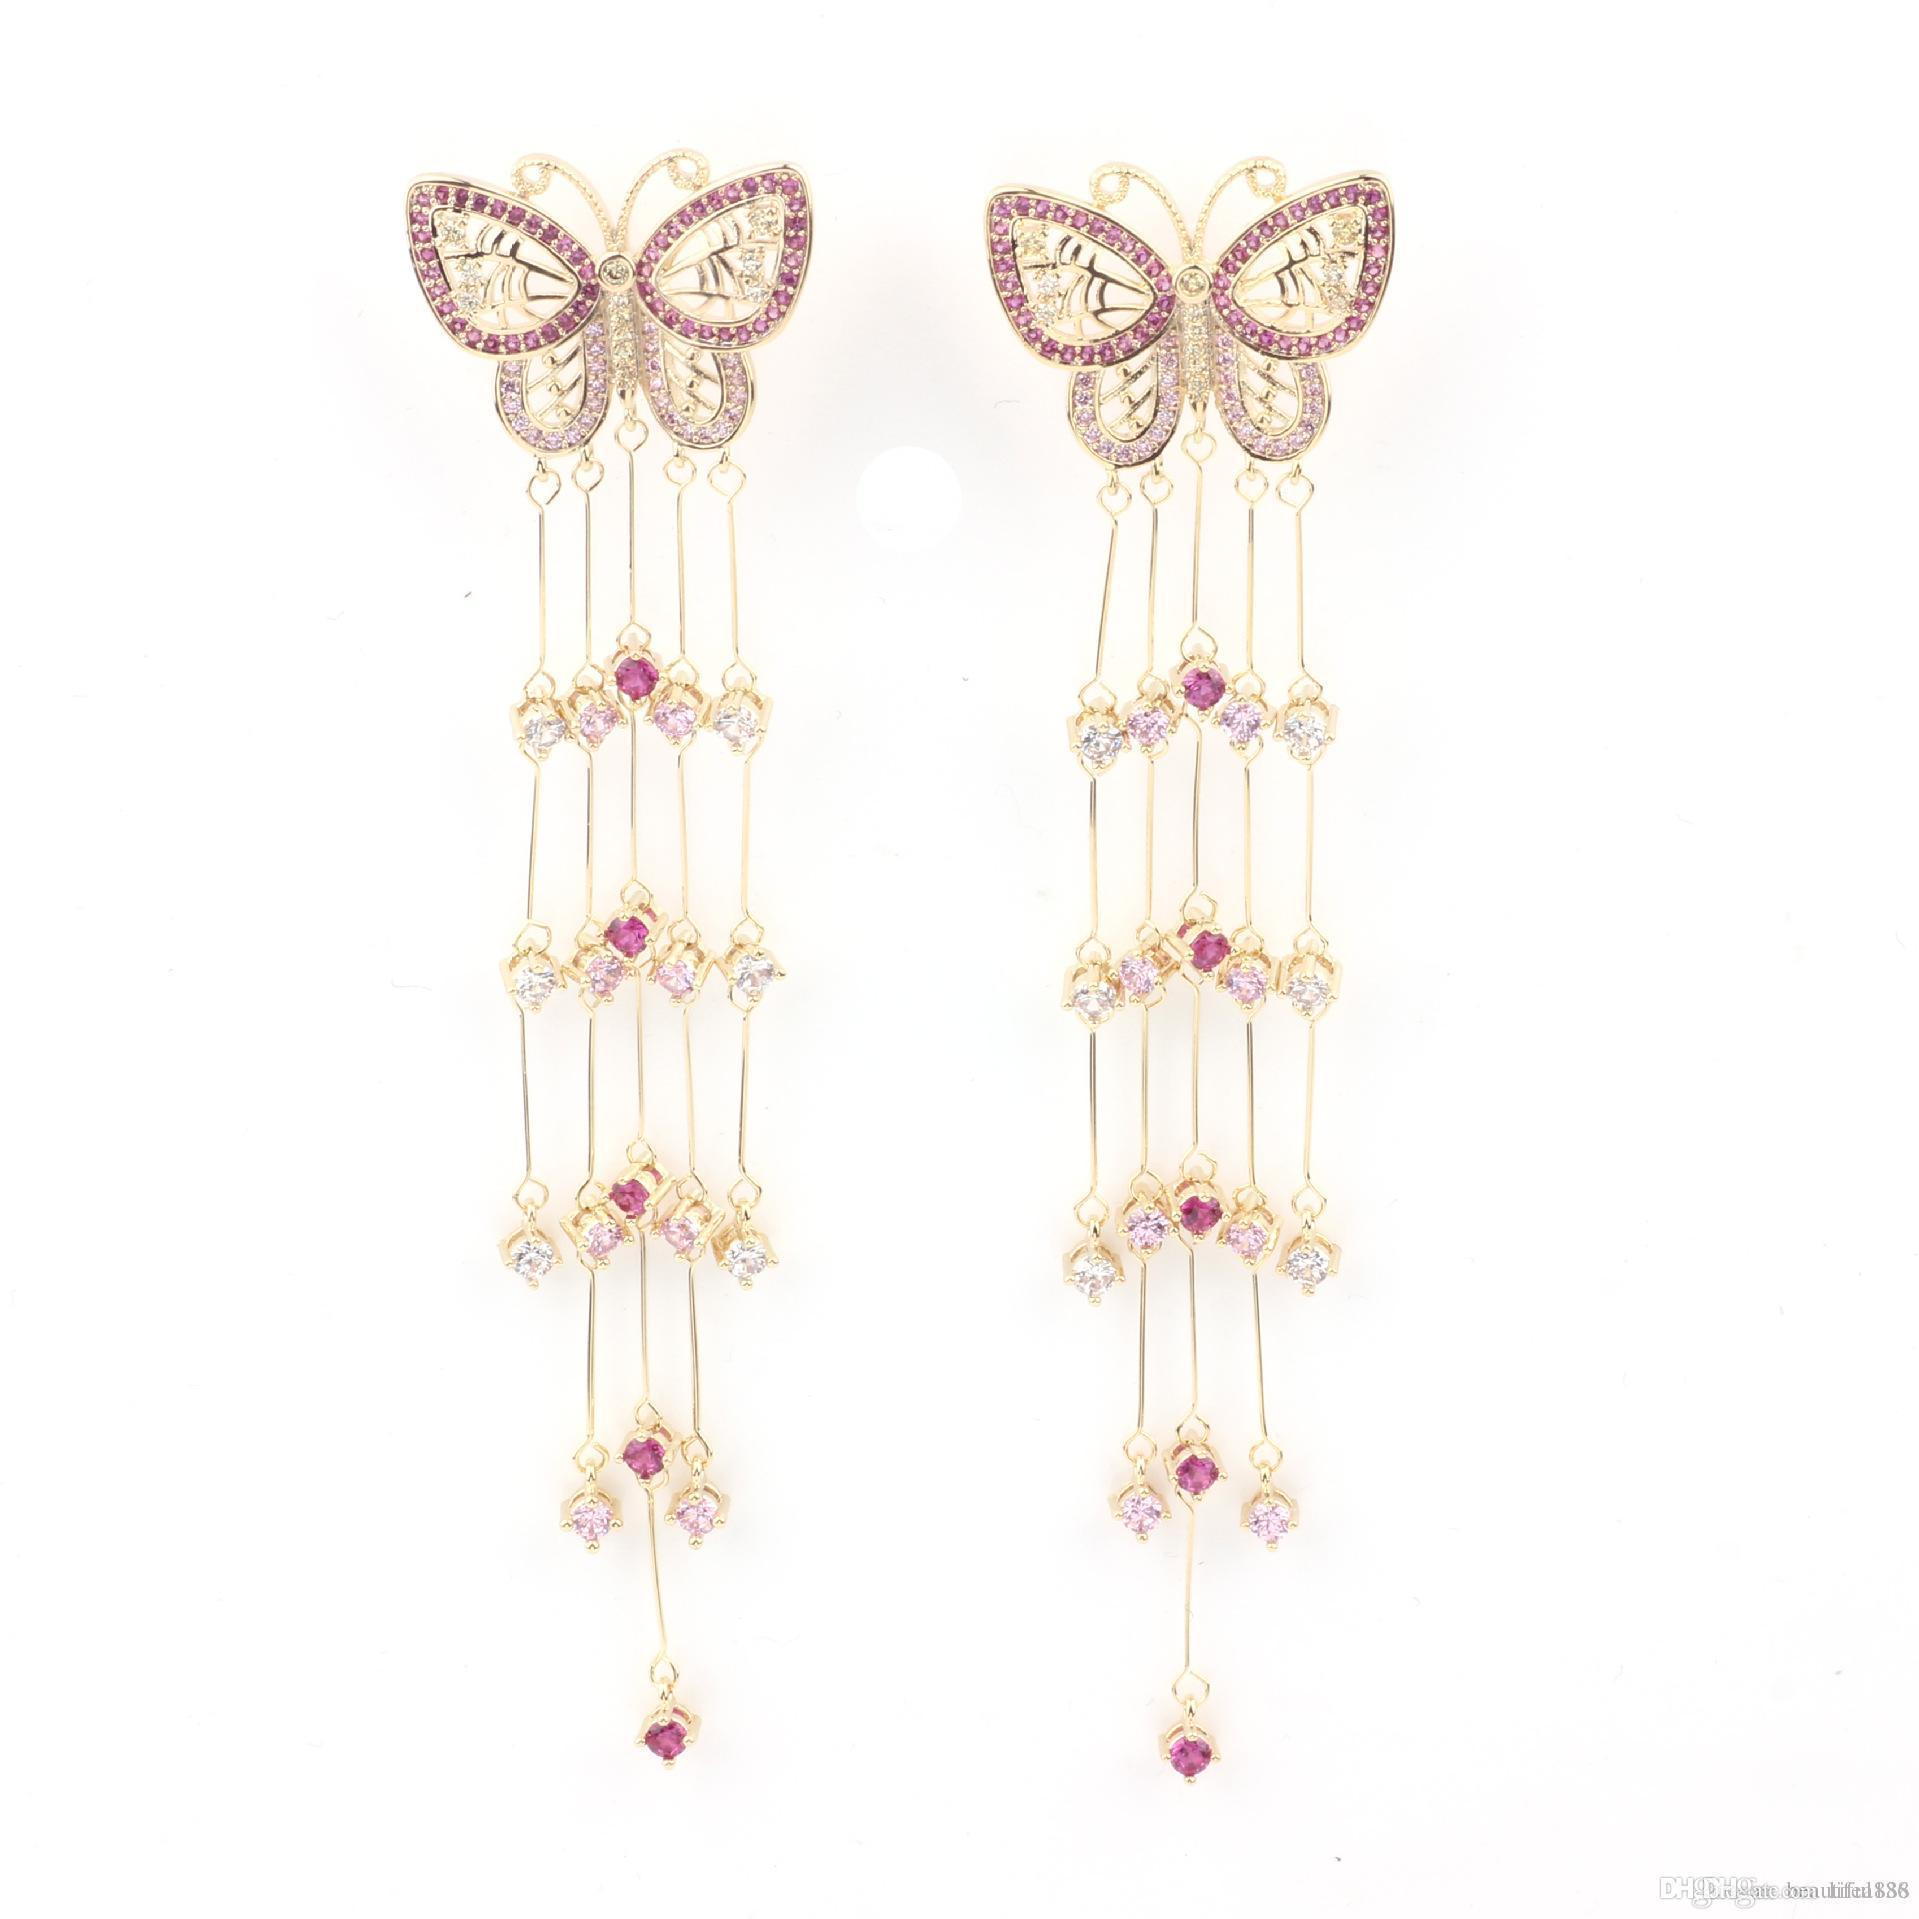 Schmetterling lange Quaste S925 Sterling Silber Ohrstecker übertrieben atmosphärisch Drop Net rote Quaste zeigen Gesicht dünn baumelt Kronleuchter